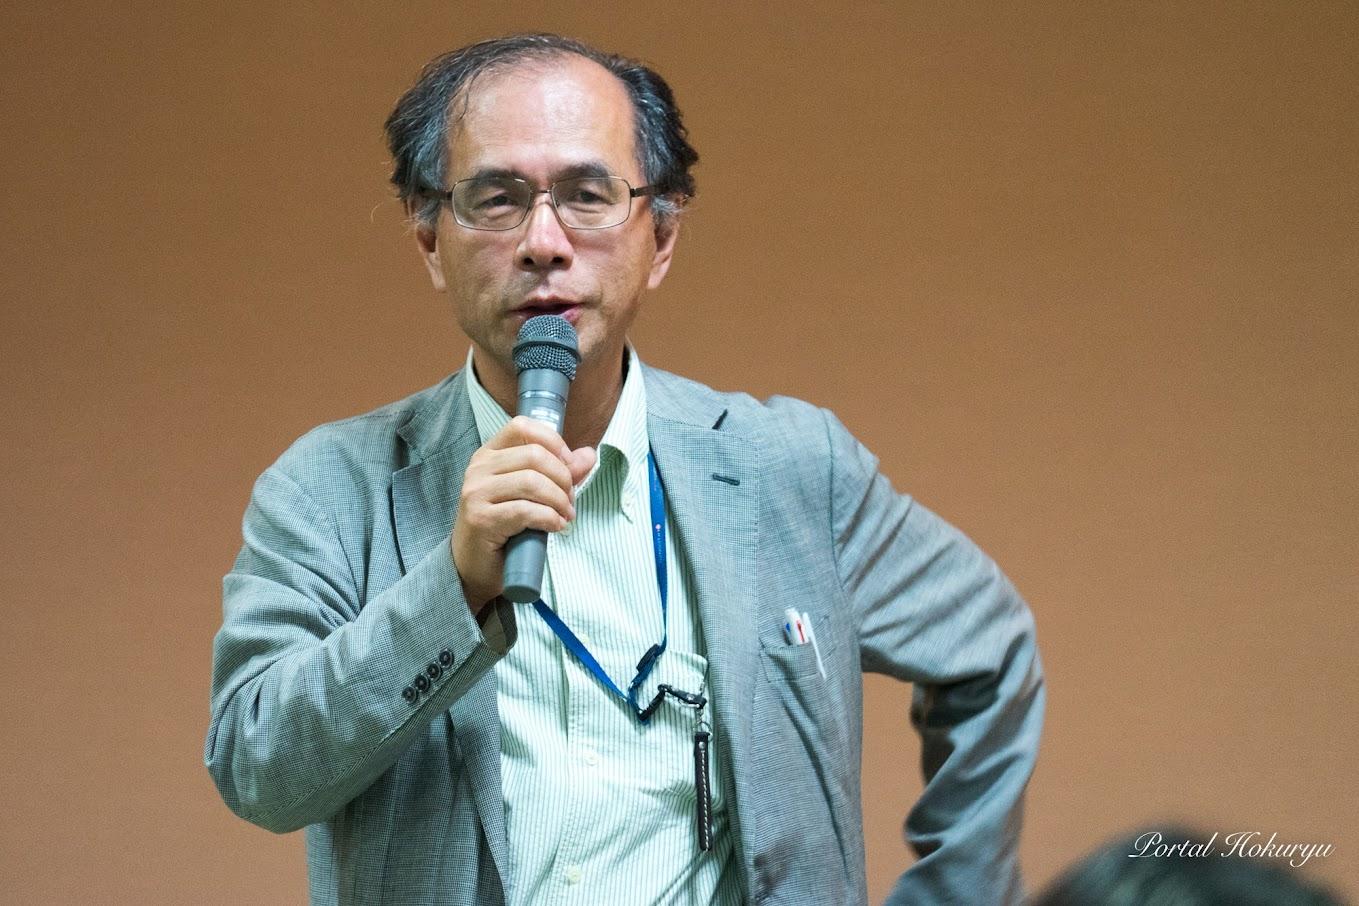 宮永和夫様(若年認知症サポートセンター理事長)